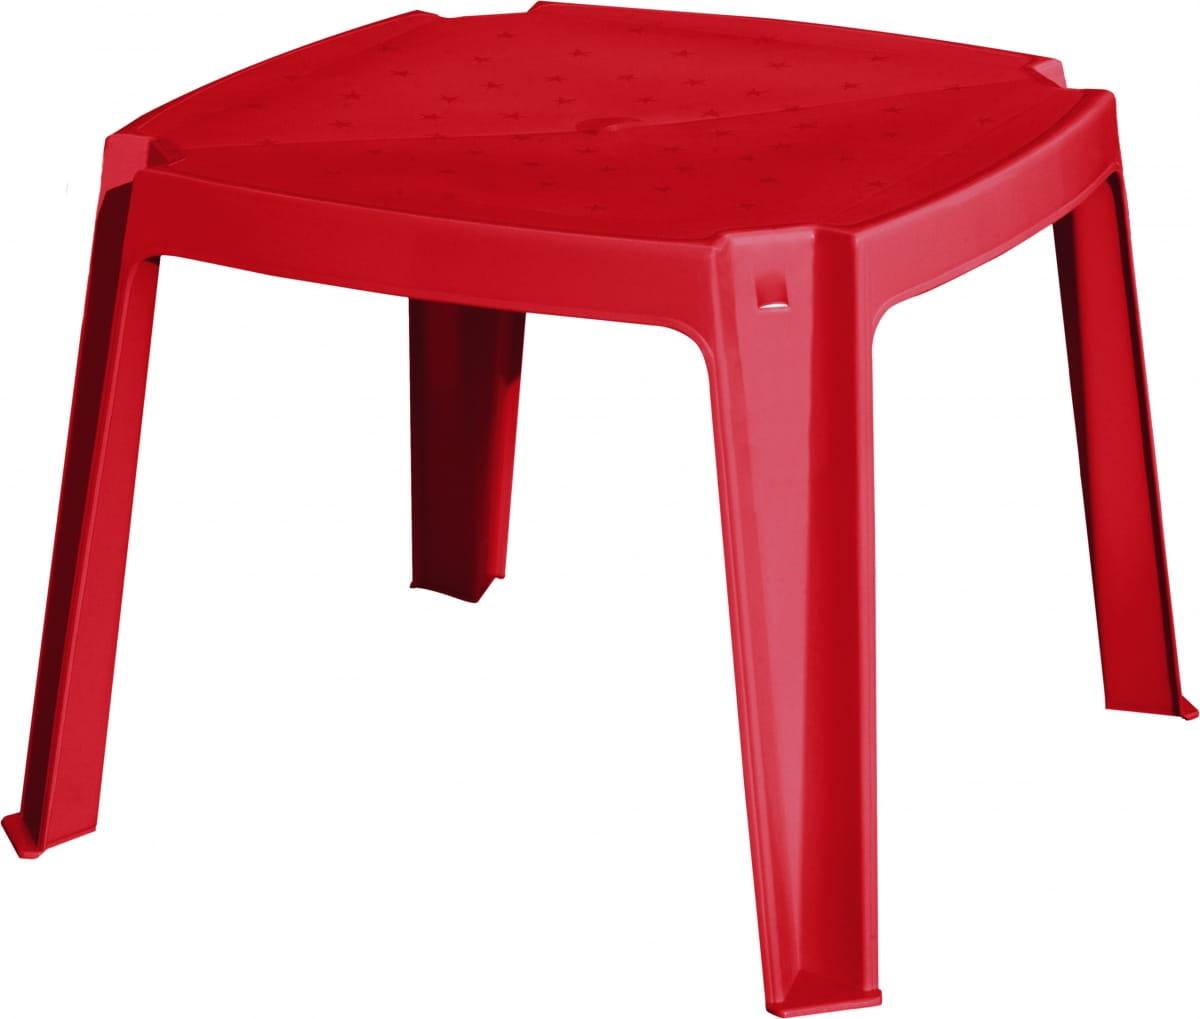 Купить Столик PalPlay без карманов (Marian Plast) в интернет магазине игрушек и детских товаров